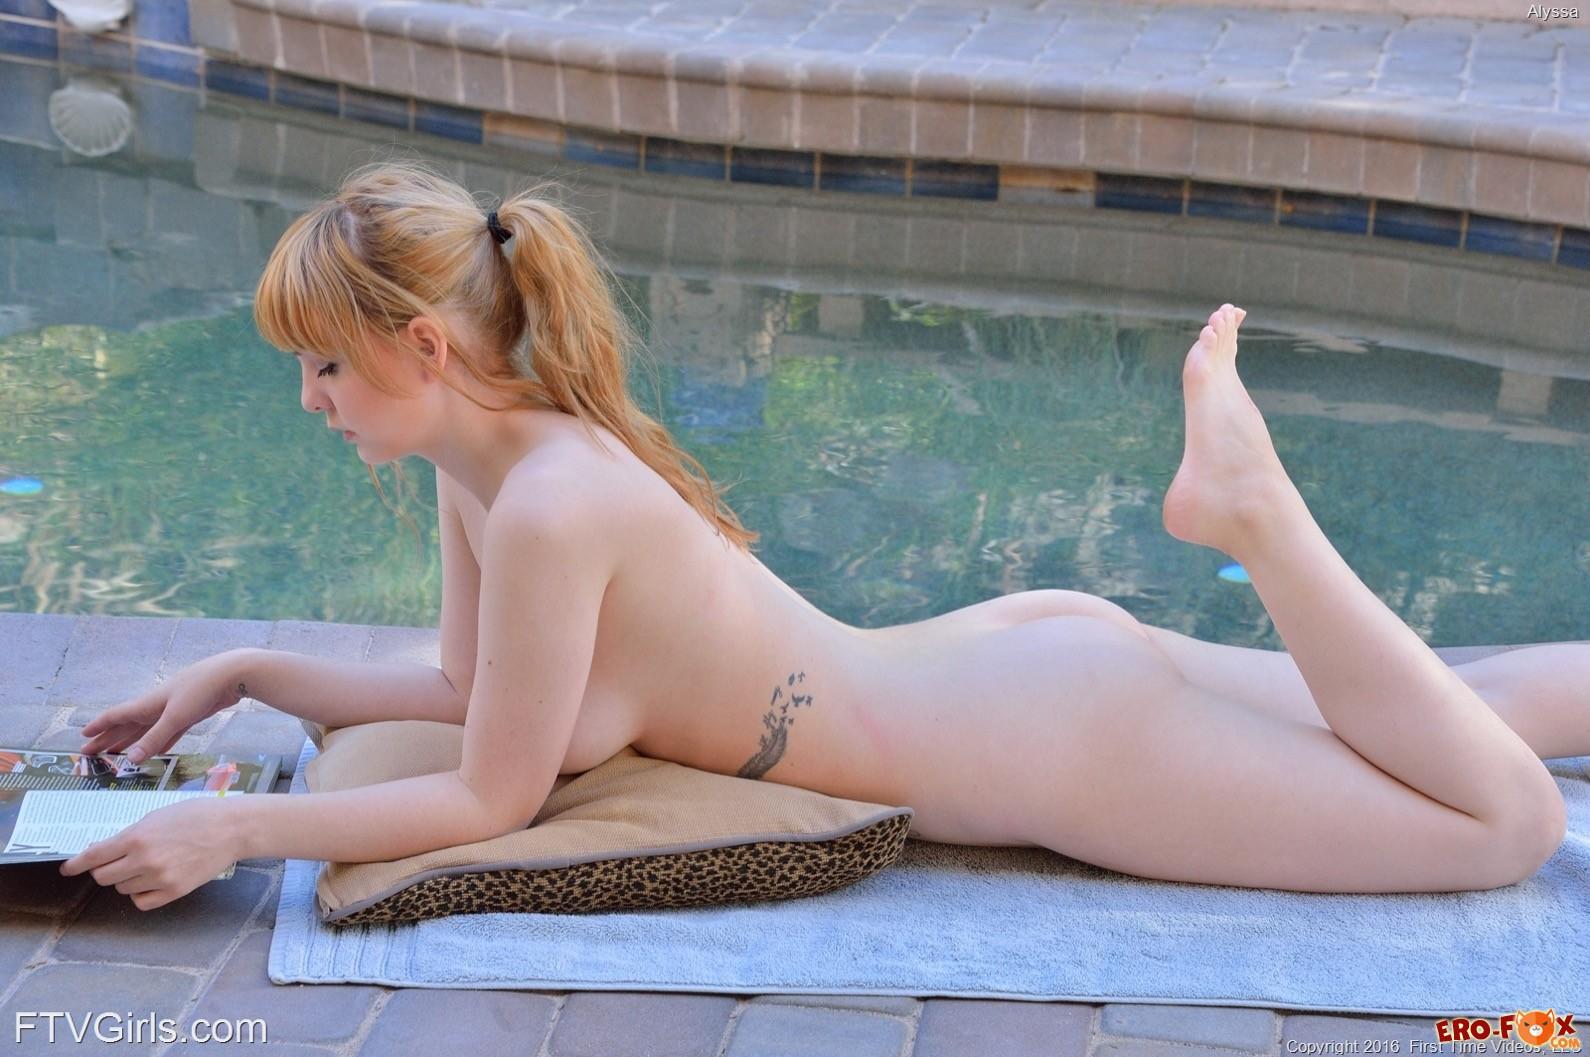 Молодая голая девушка с огромной грудью